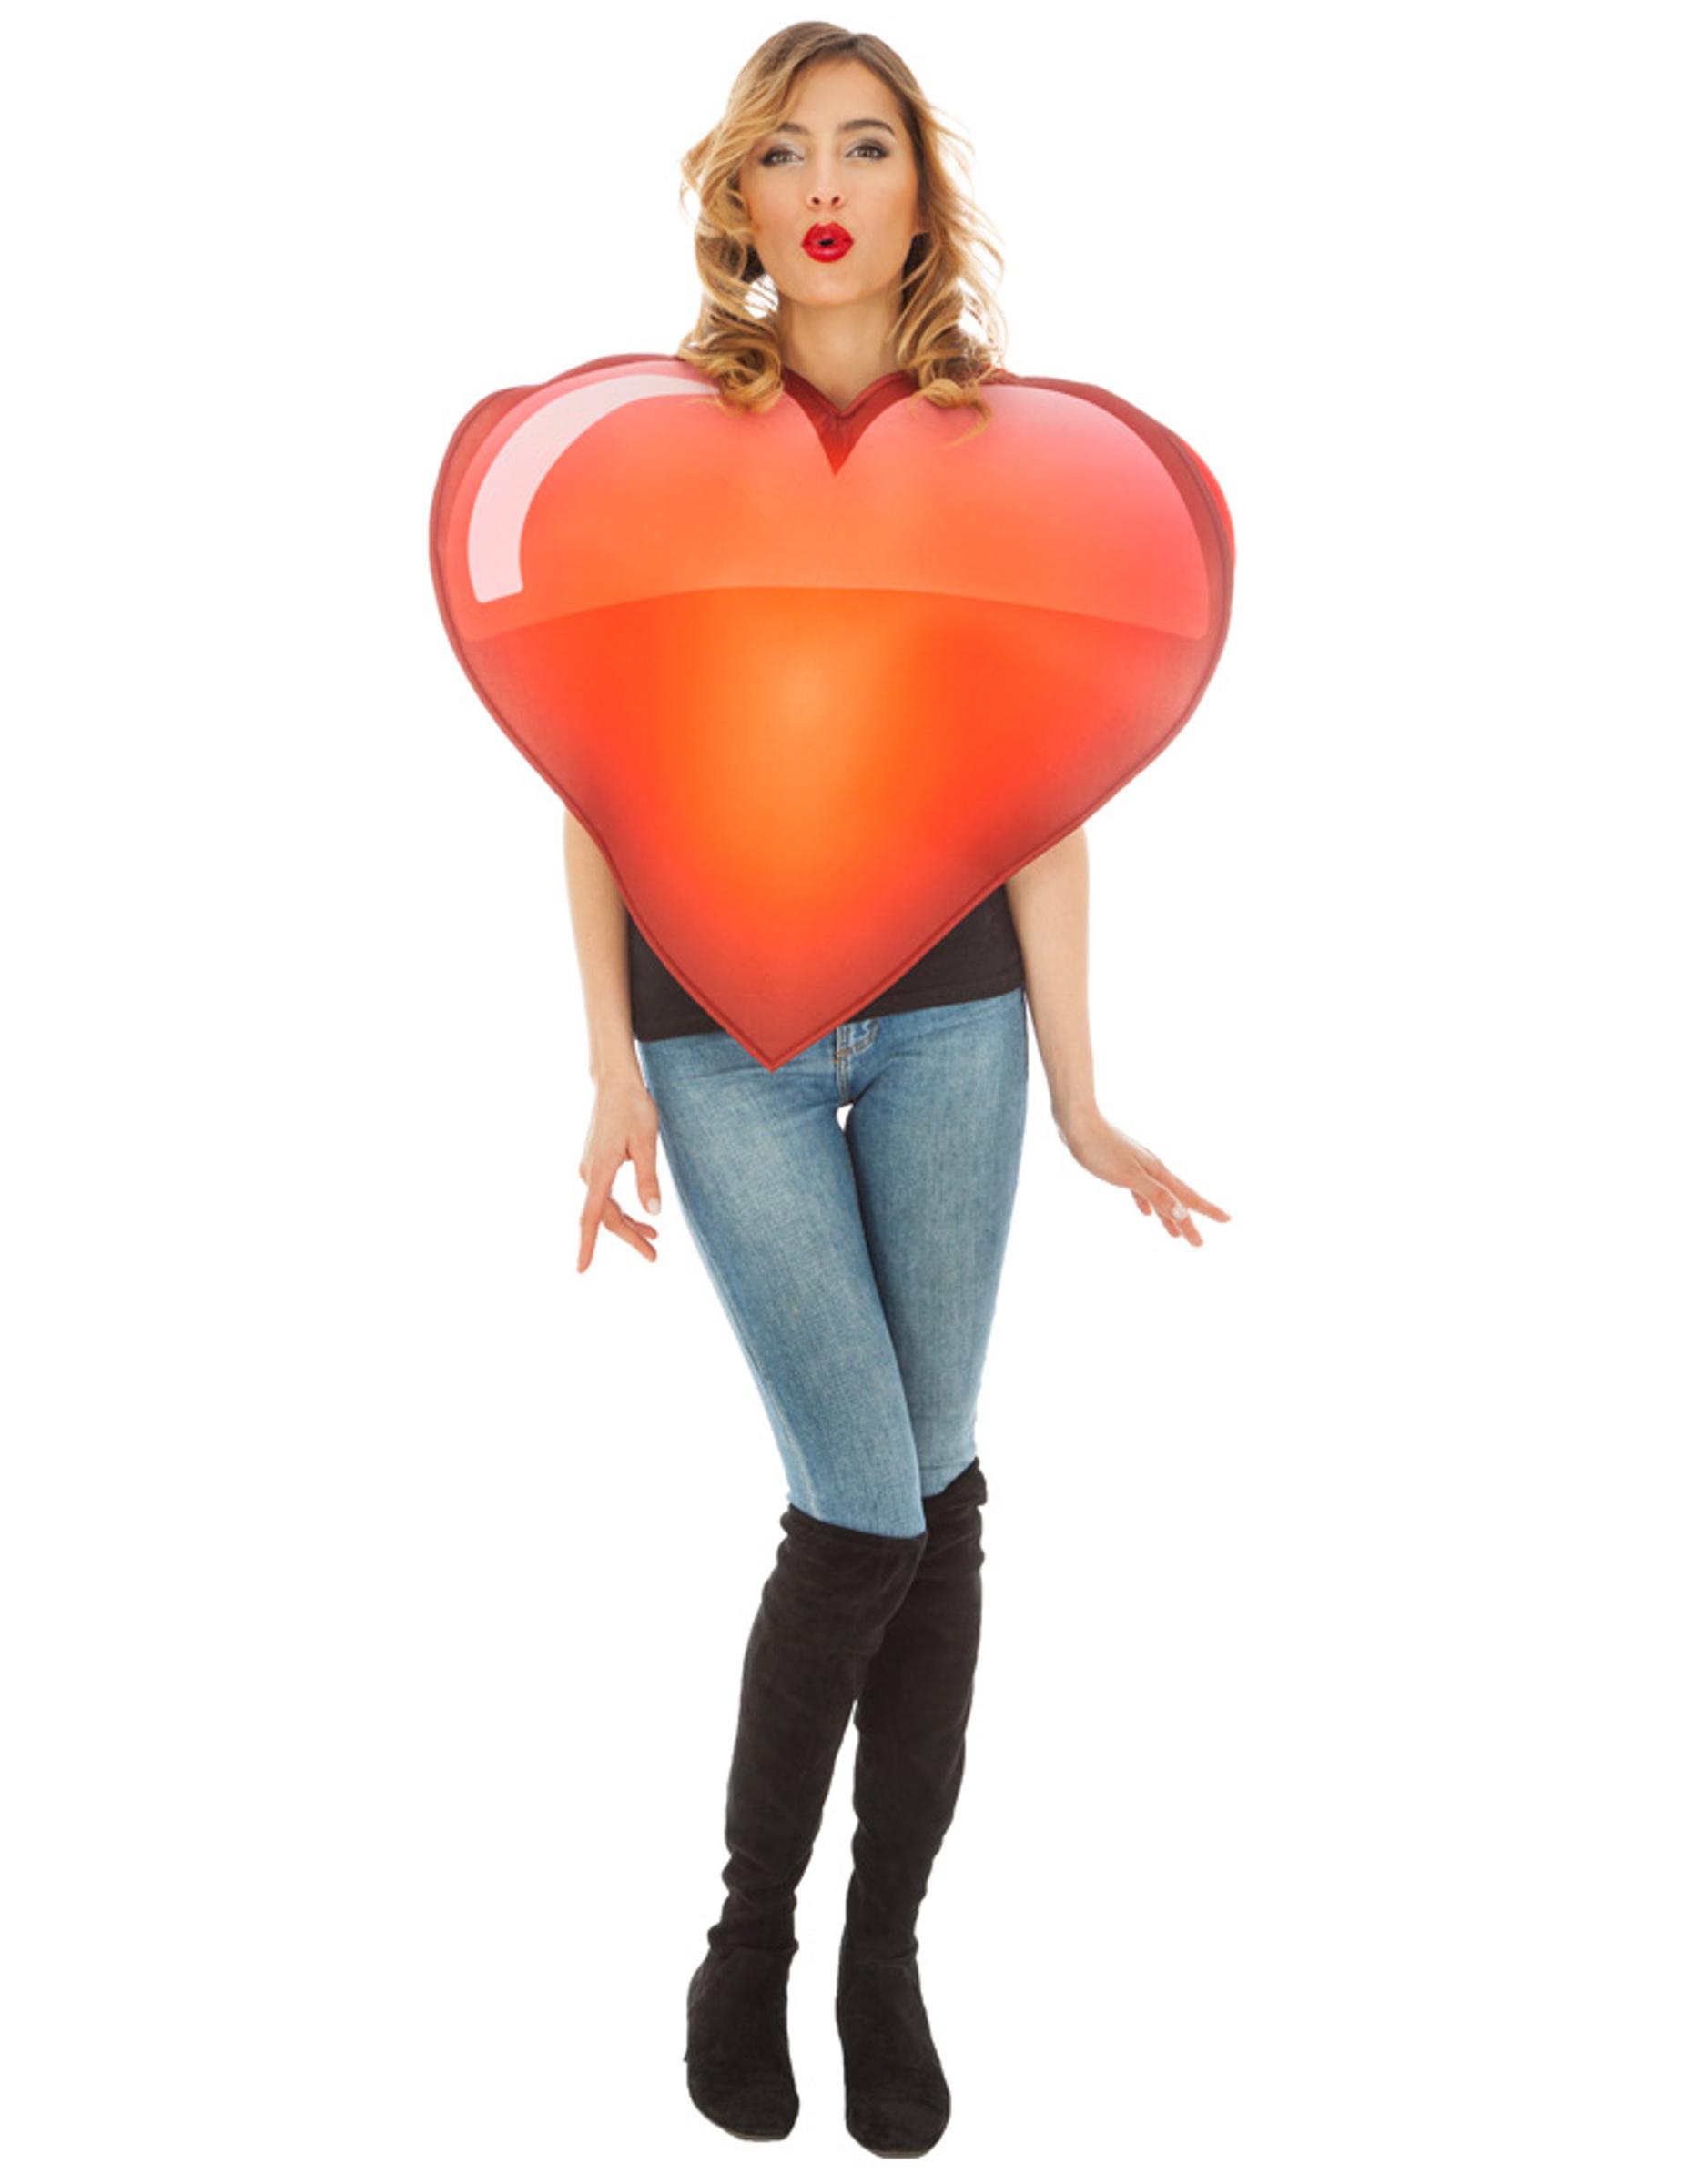 Emoji-Herz Unisex-Kostüm für Erwachsene rot 287438